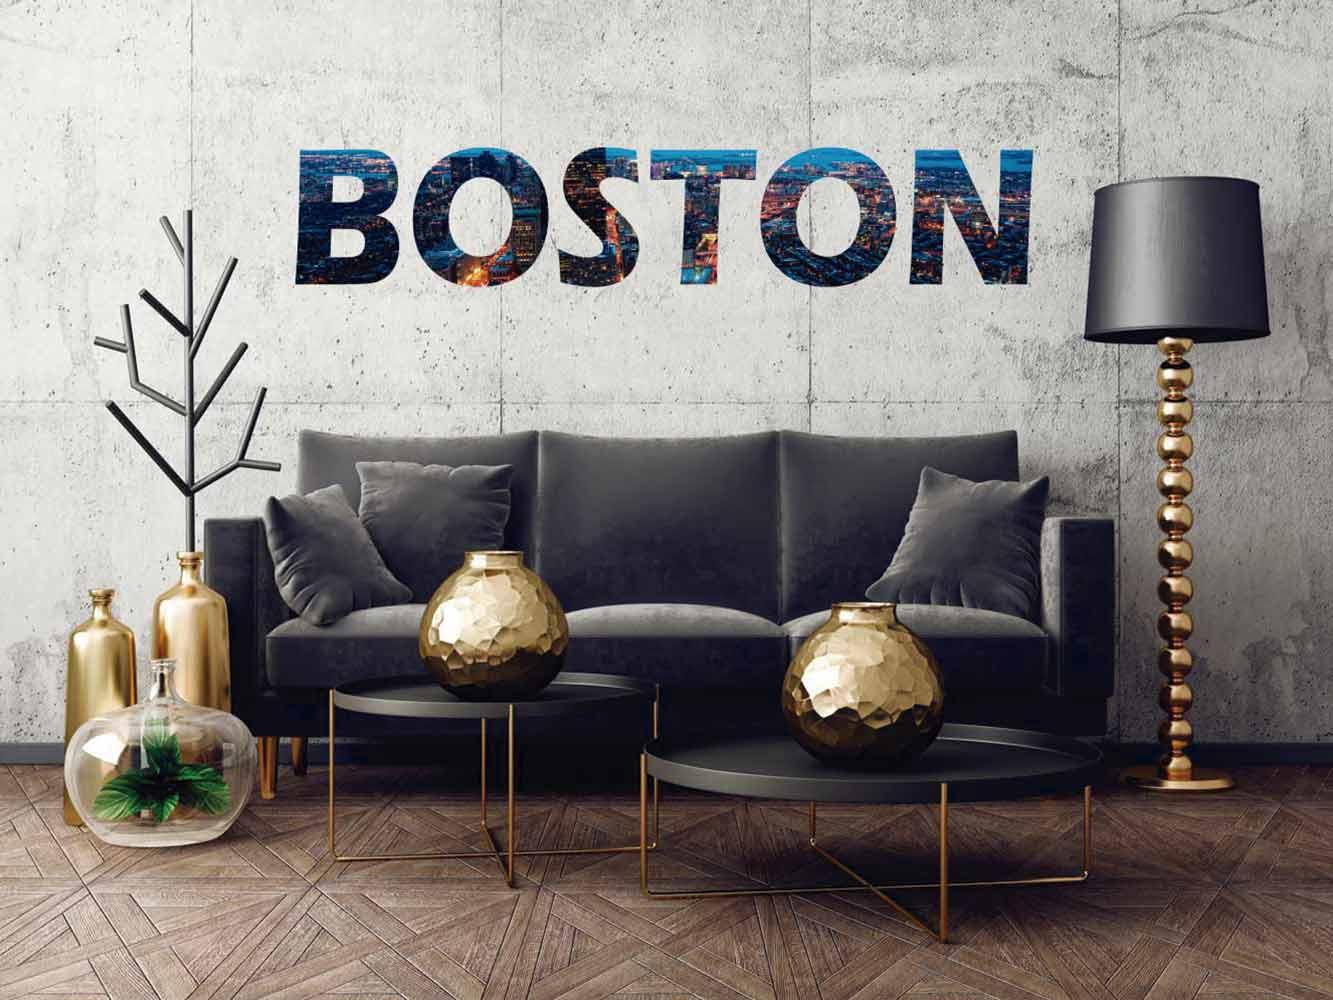 Vinilo Decorativo Ciudades Boston | Carteles XXL - Impresión carteleria publicitaria